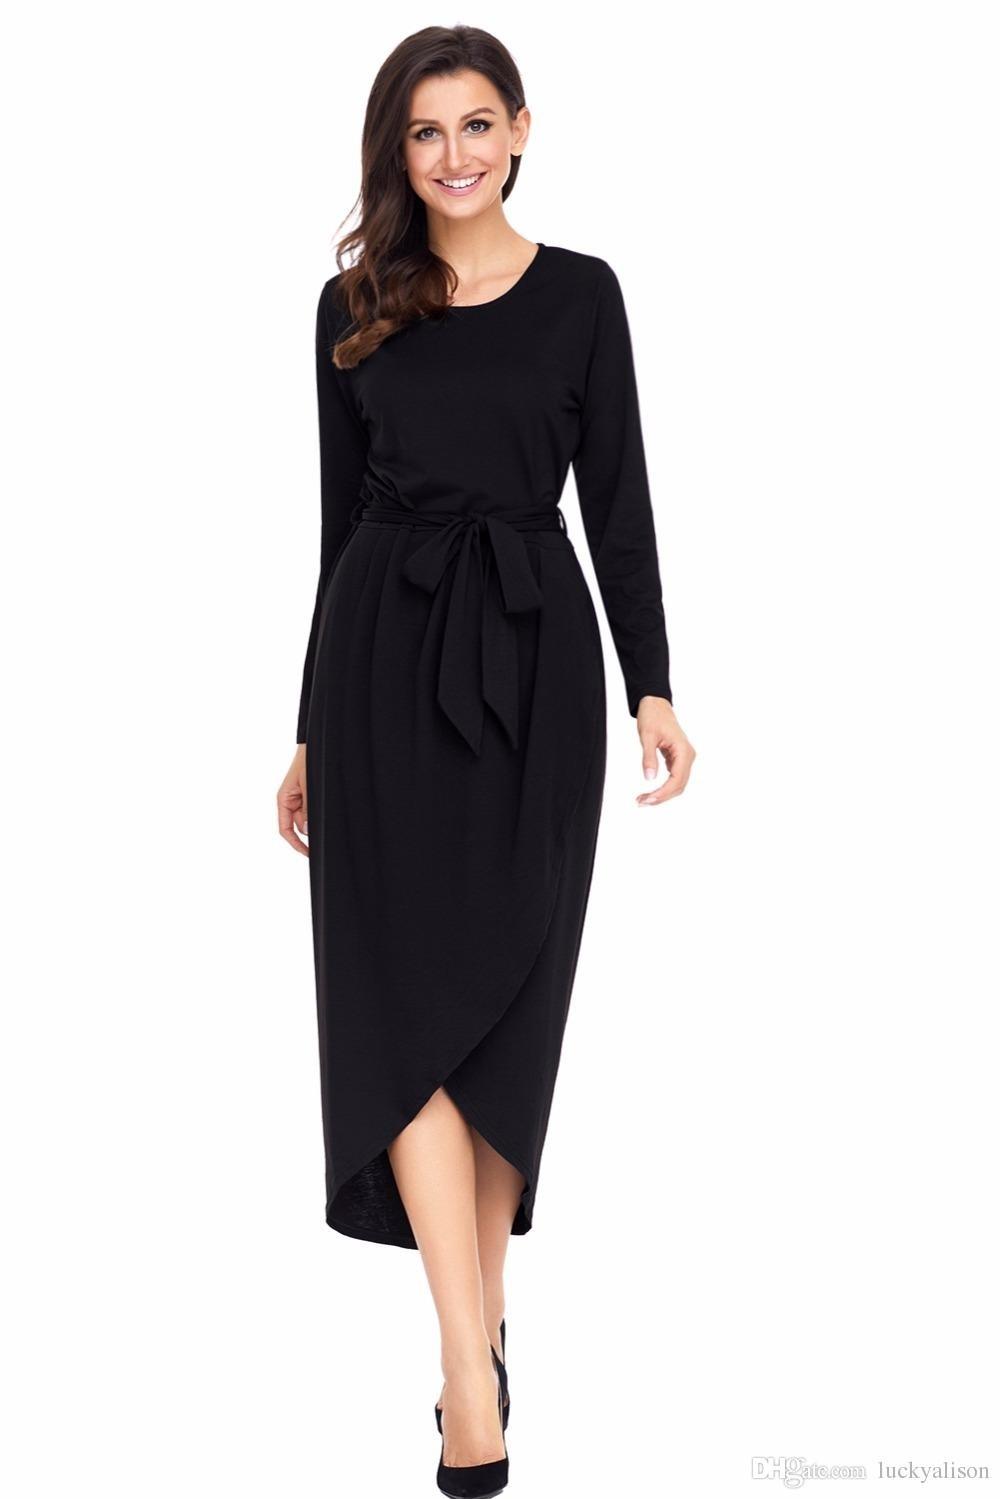 20 Cool Herbst Kleider Damen BoutiqueDesigner Luxus Herbst Kleider Damen Spezialgebiet